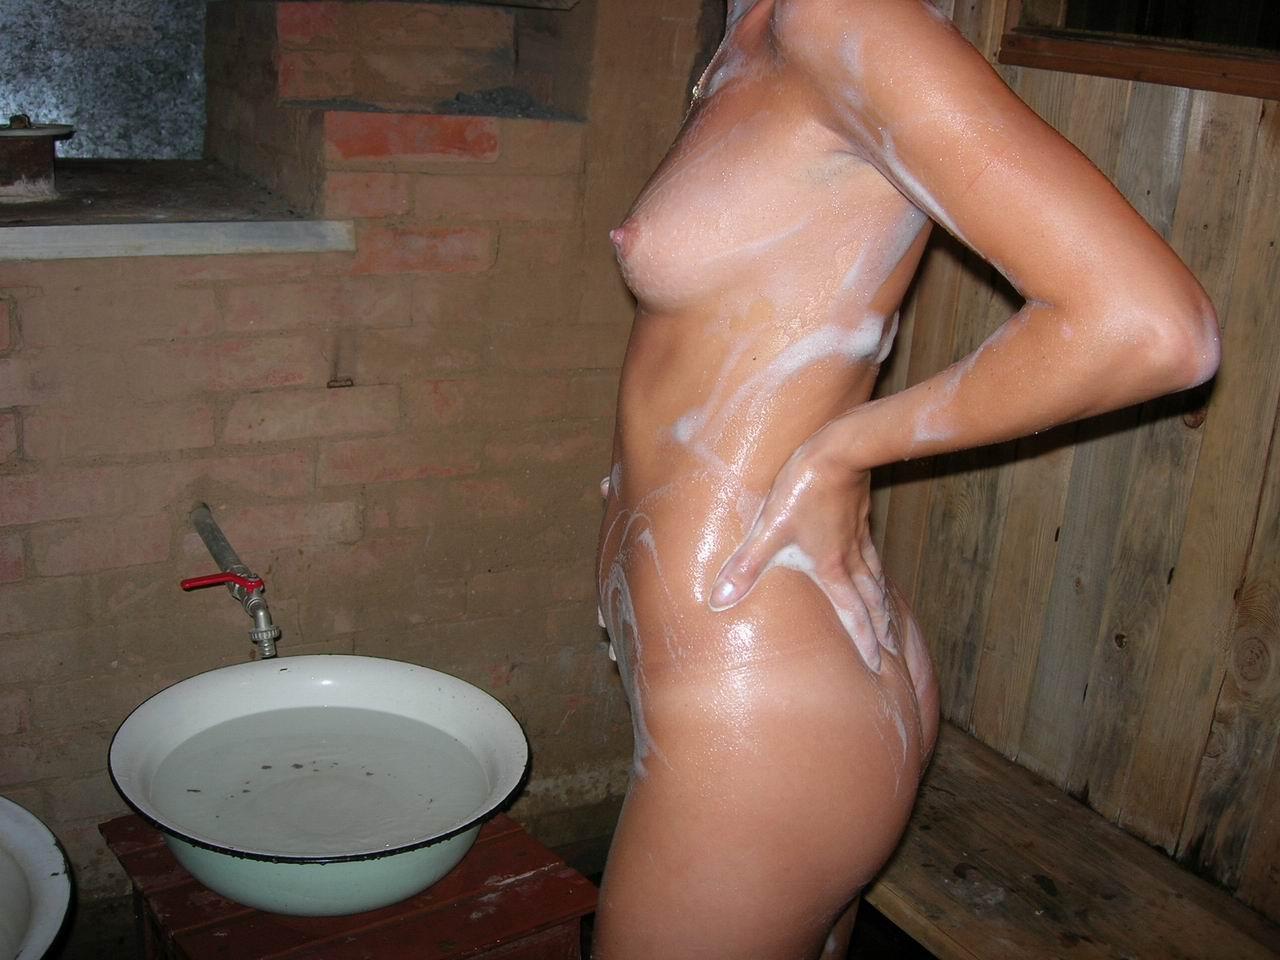 Тети моются фото, Девушки в душе -фото. Голые девушки моются в душе 18 фотография